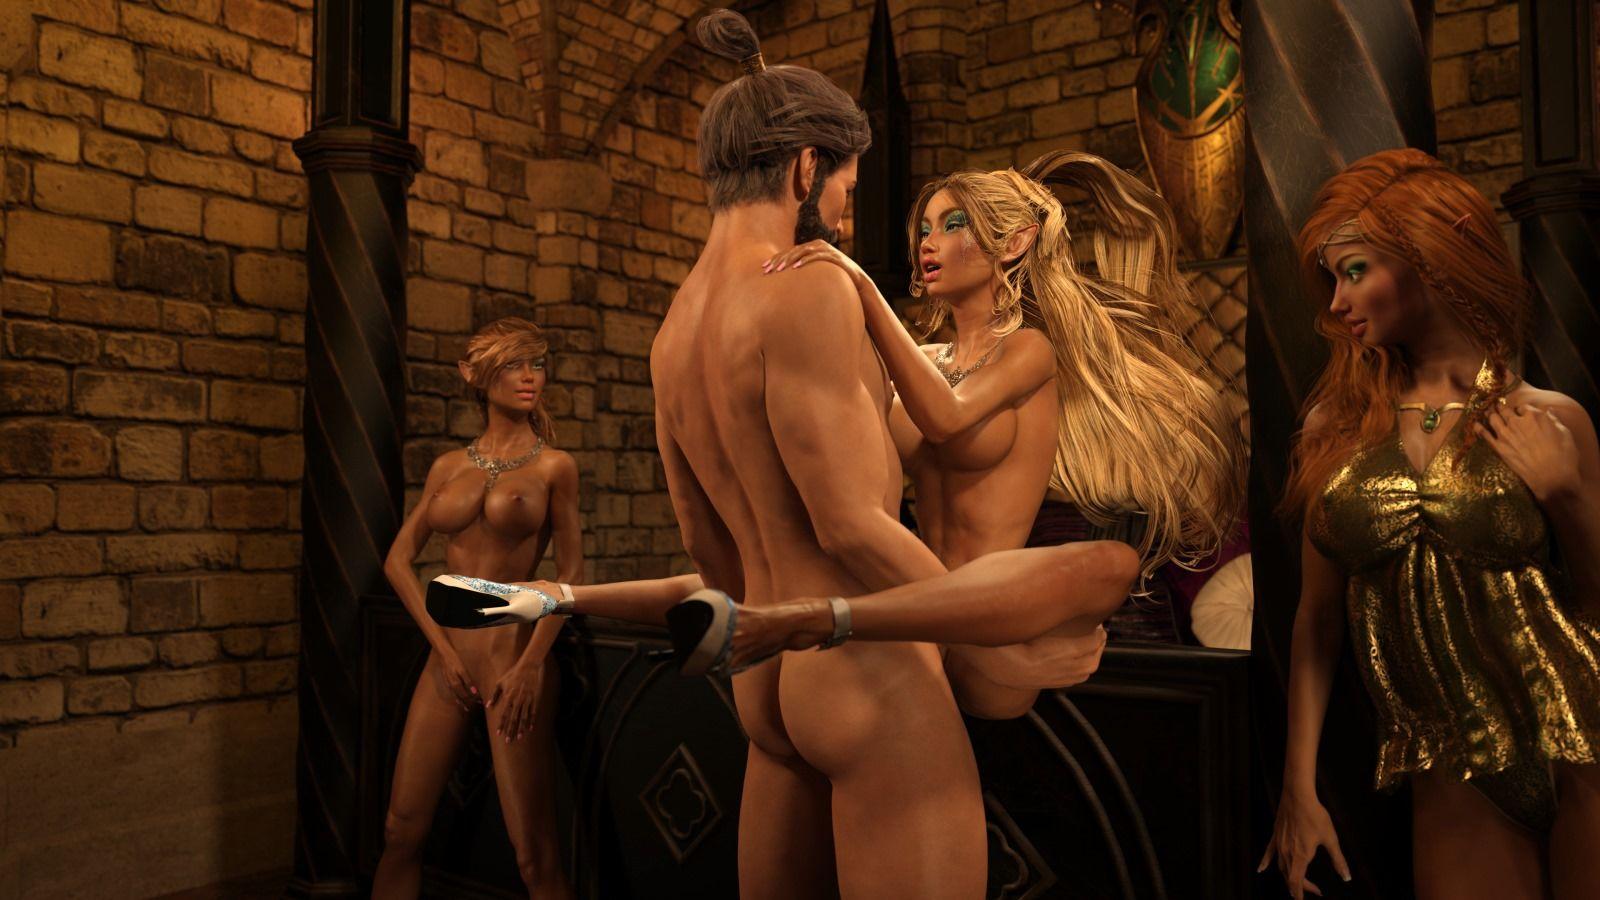 Fairy tales drawn comics porn